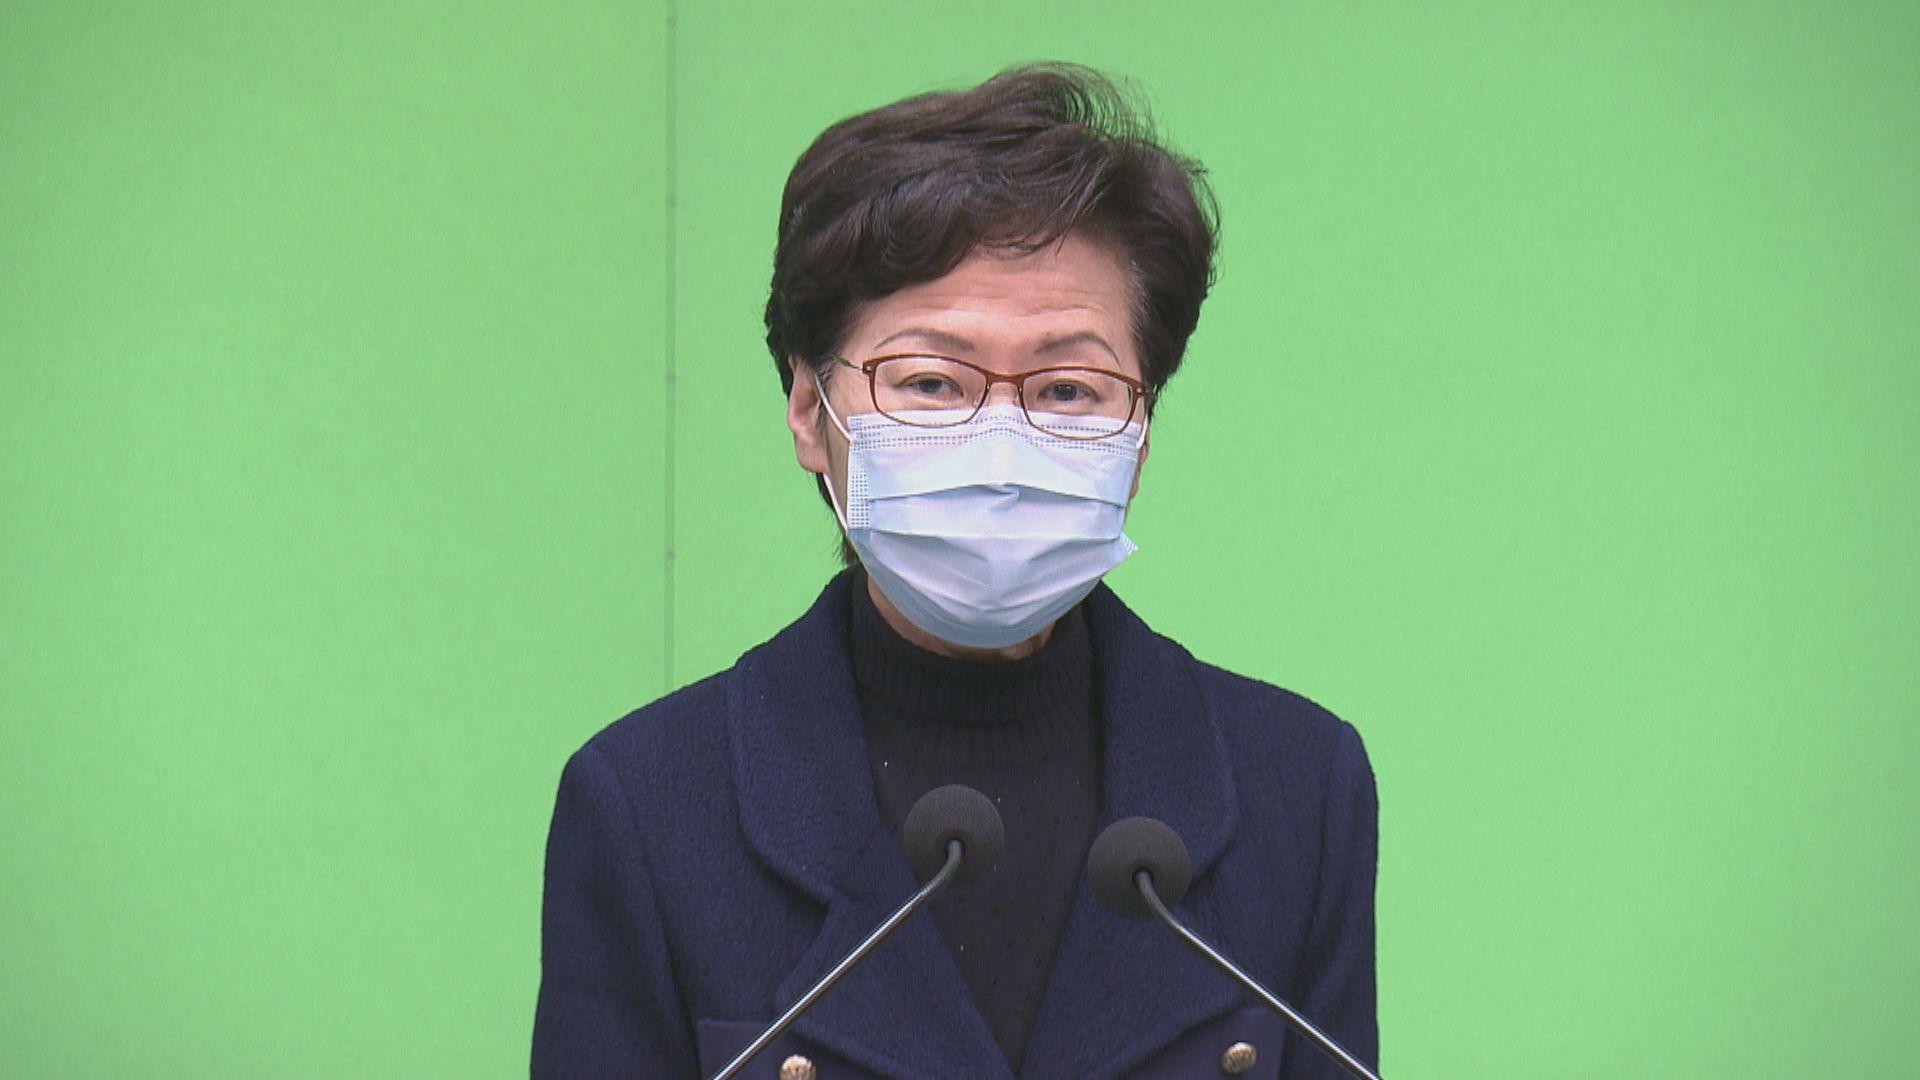 【最新】林鄭:中央關心港事務理所當然 郭榮鏗癱瘓內會鐵證如山